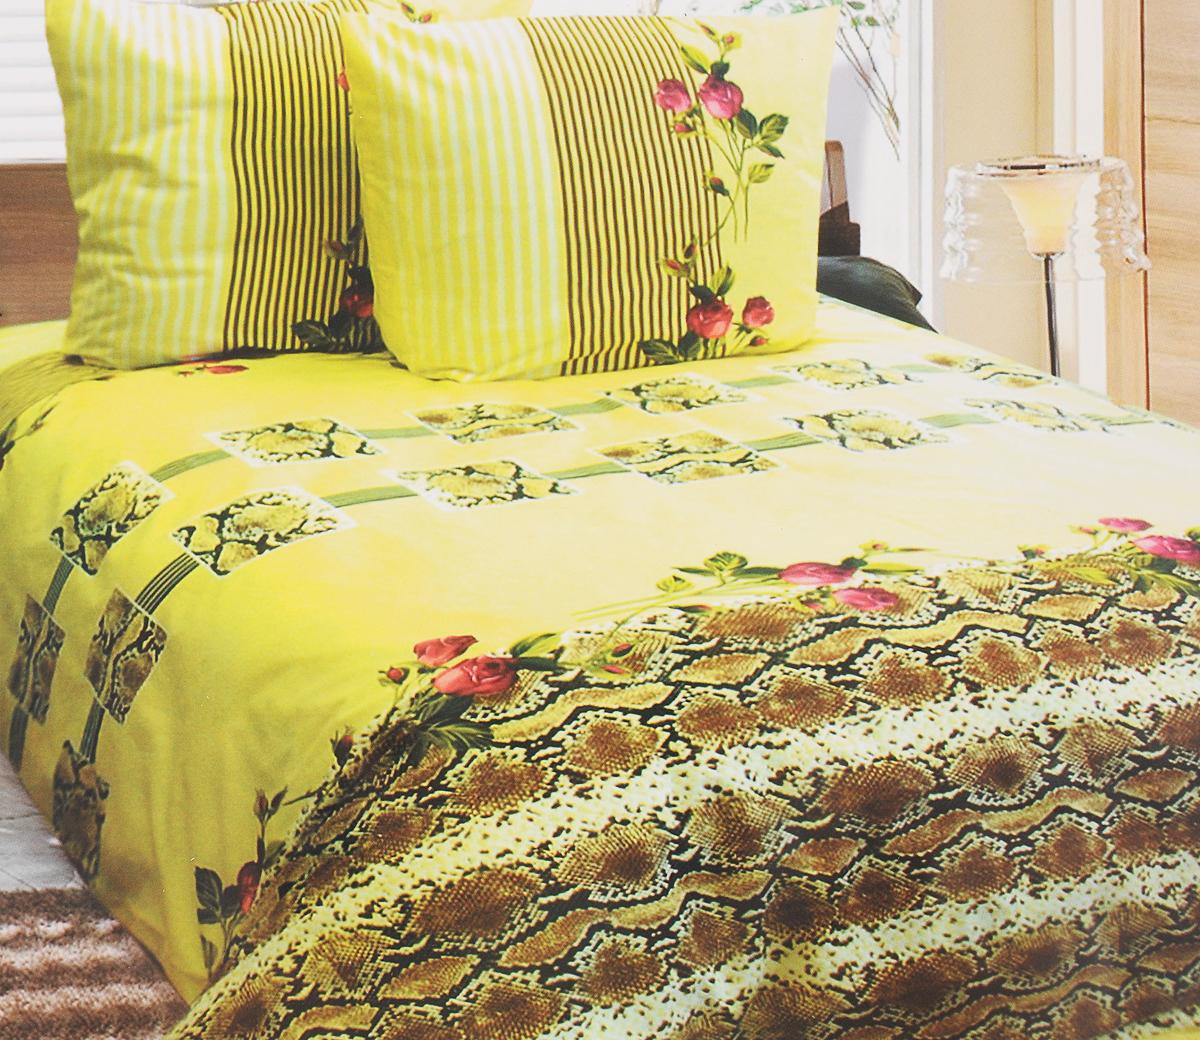 Комплект белья Катюша Клеопатра, семейный, наволочки 70х70, цвет: светло-желтый, коричневый, красныйC-118/3954Комплект постельного белья Катюша Клеопатра является экологически безопасным для всей семьи, так как выполнен из бязи (100% хлопок). Комплект состоит из двух пододеяльников, простыни и двух наволочек. Постельное белье оформлено оригинальным рисунком и имеет изысканный внешний вид. Бязь - это ткань полотняного переплетения, изготовленная из экологически чистого и натурального 100% хлопка. Она прочная, мягкая, обладает низкой сминаемостью, легко стирается и хорошо гладится. Бязь прекрасно пропускает воздух и за ней легко ухаживать. При соблюдении рекомендуемых условий стирки, сушки и глажения ткань имеет усадку по ГОСТу, сохранятся яркость текстильных рисунков. Приобретая комплект постельного белья Катюша Клеопатра, вы можете быть уверенны в том, что покупка доставит вам и вашим близким удовольствие и подарит максимальный комфорт.